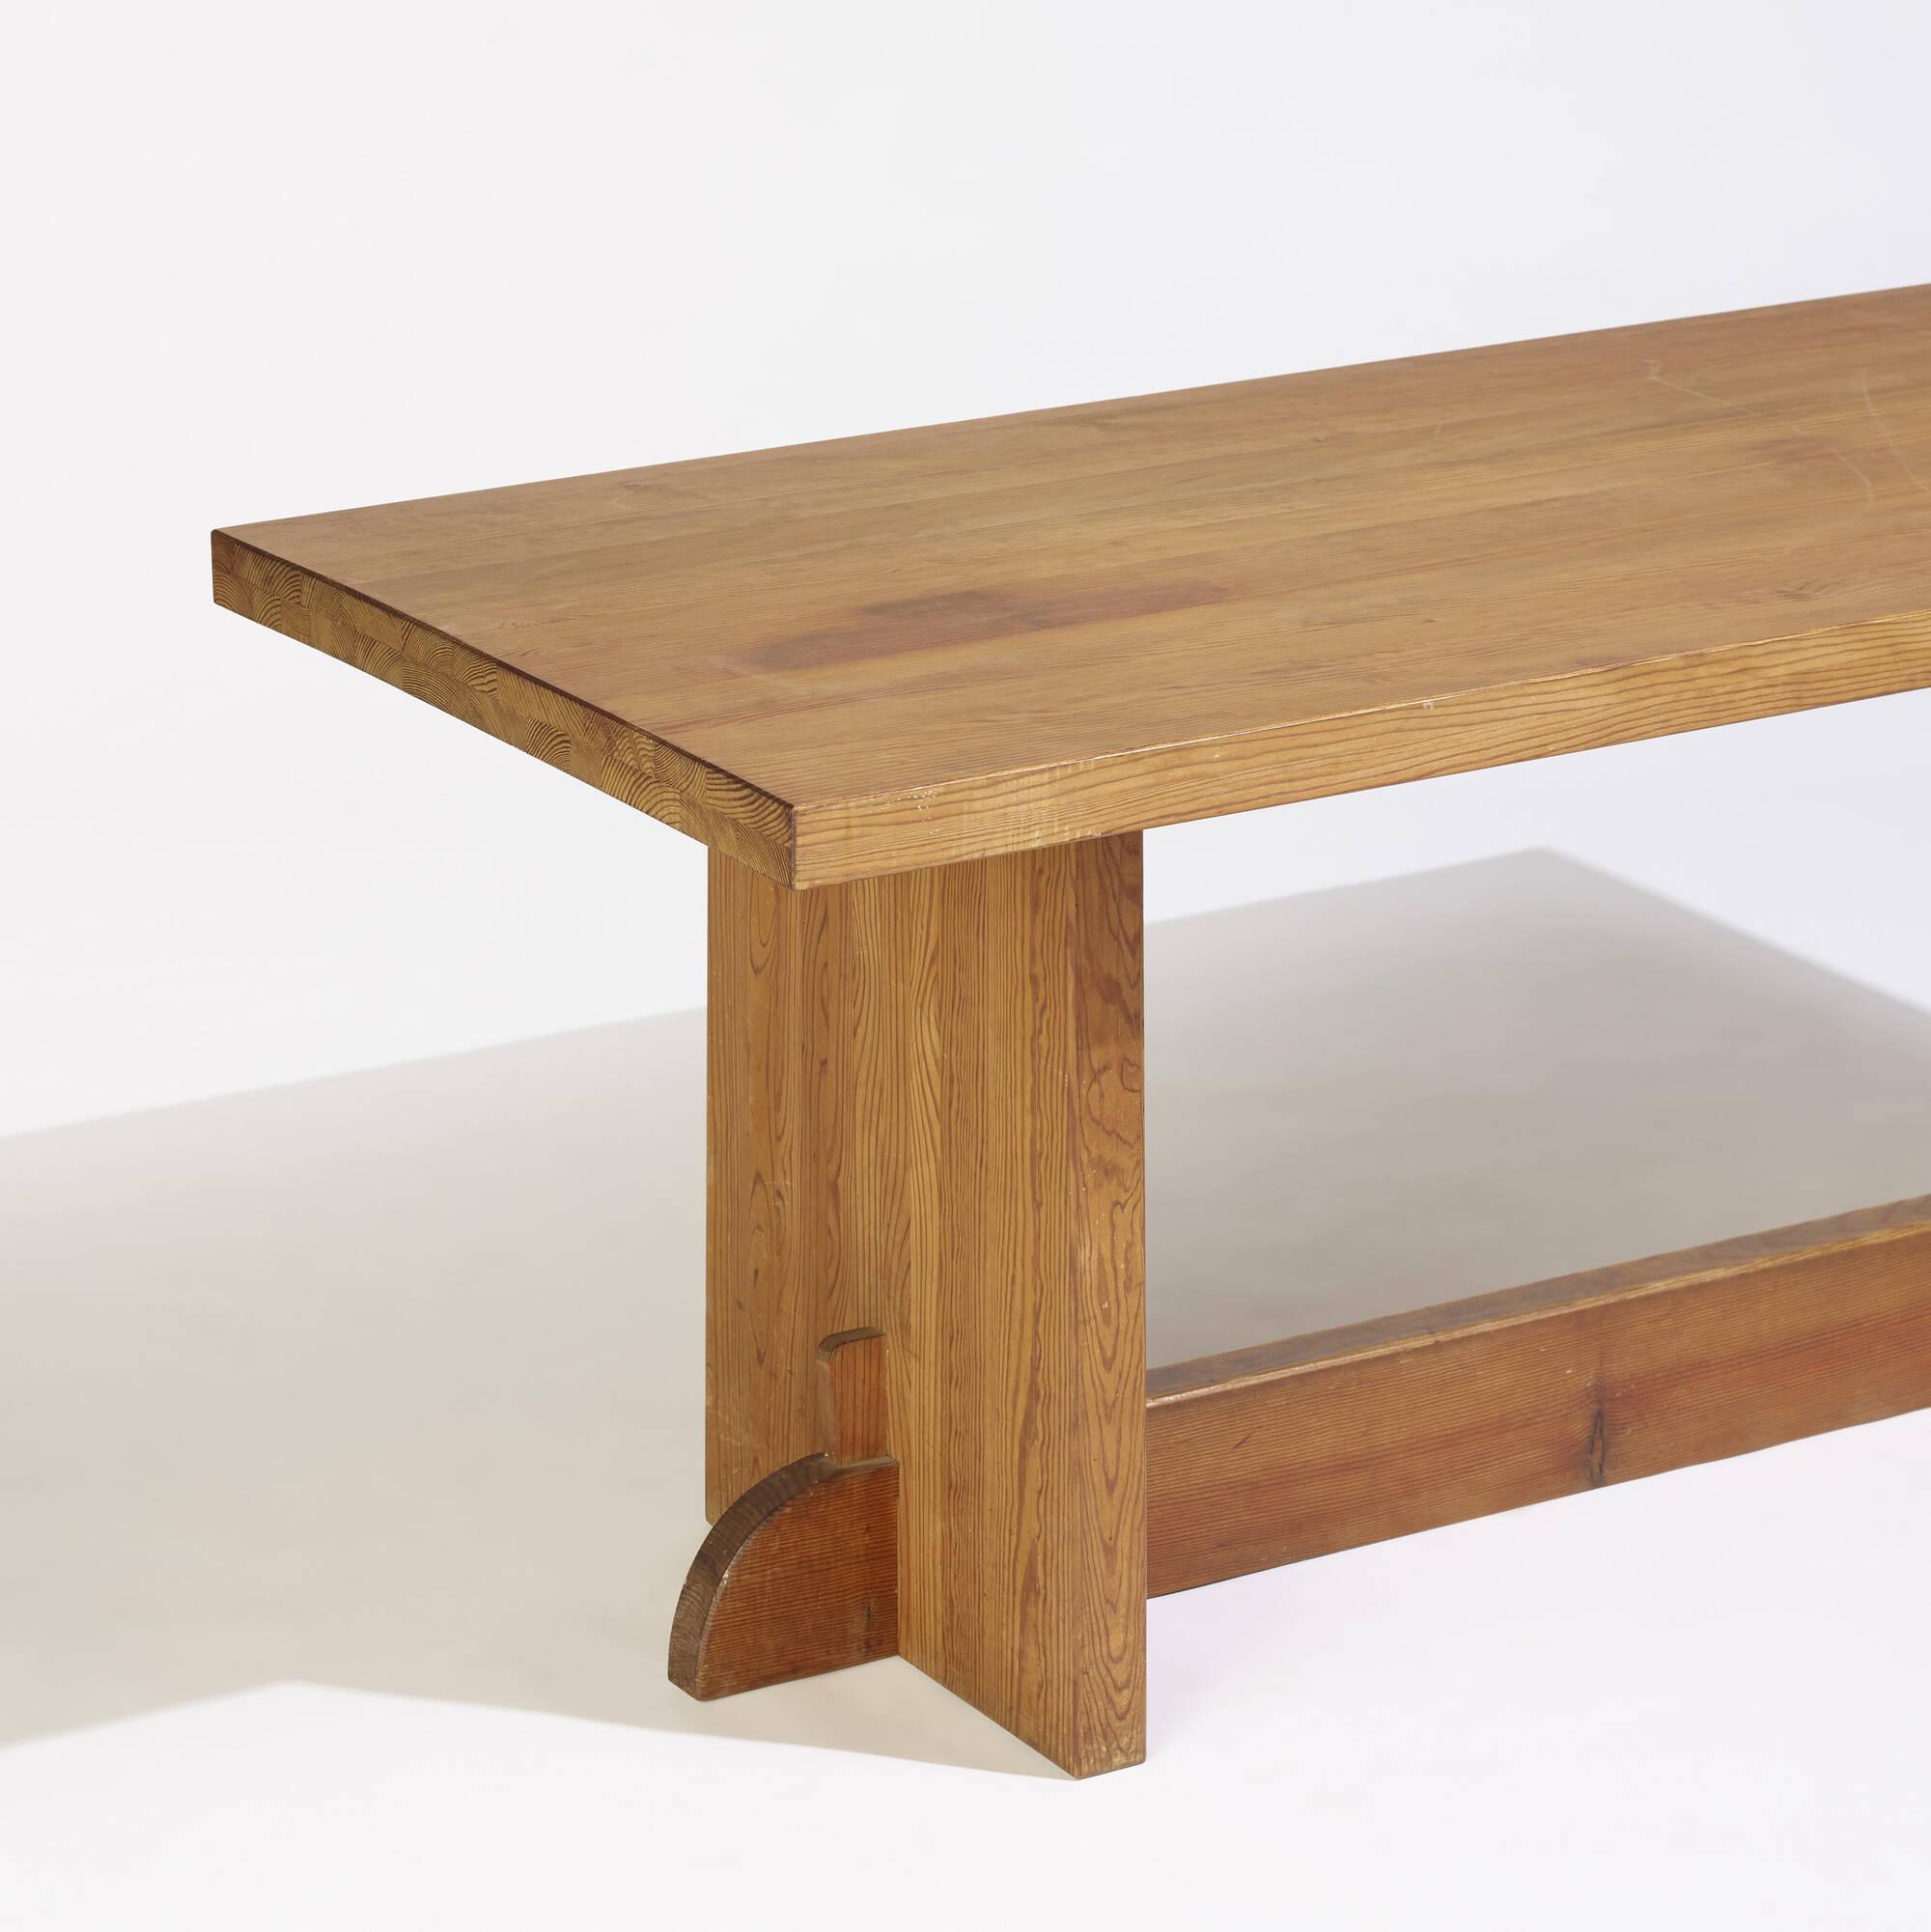 117: Axel Einar Hjorth / Lovö dining table (3 of 3)